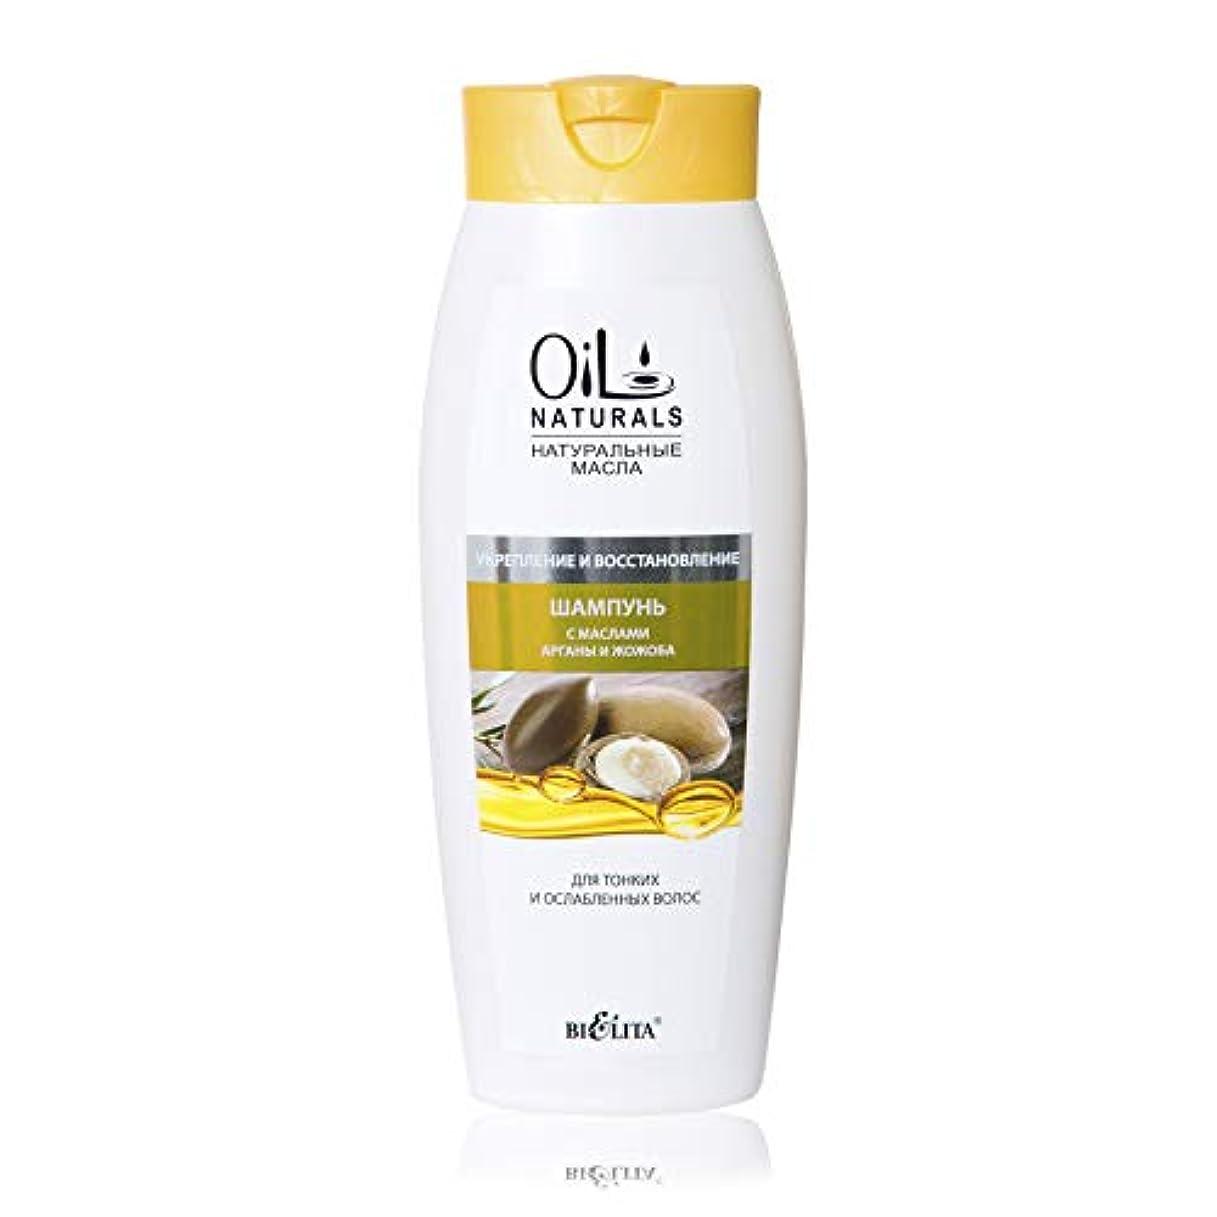 手のひら痴漢適用するBielita & Vitex Oil Naturals Line | Strengthening & Restoring Shampoo for Thin Hair, 430 ml | Argan Oil, Silk...